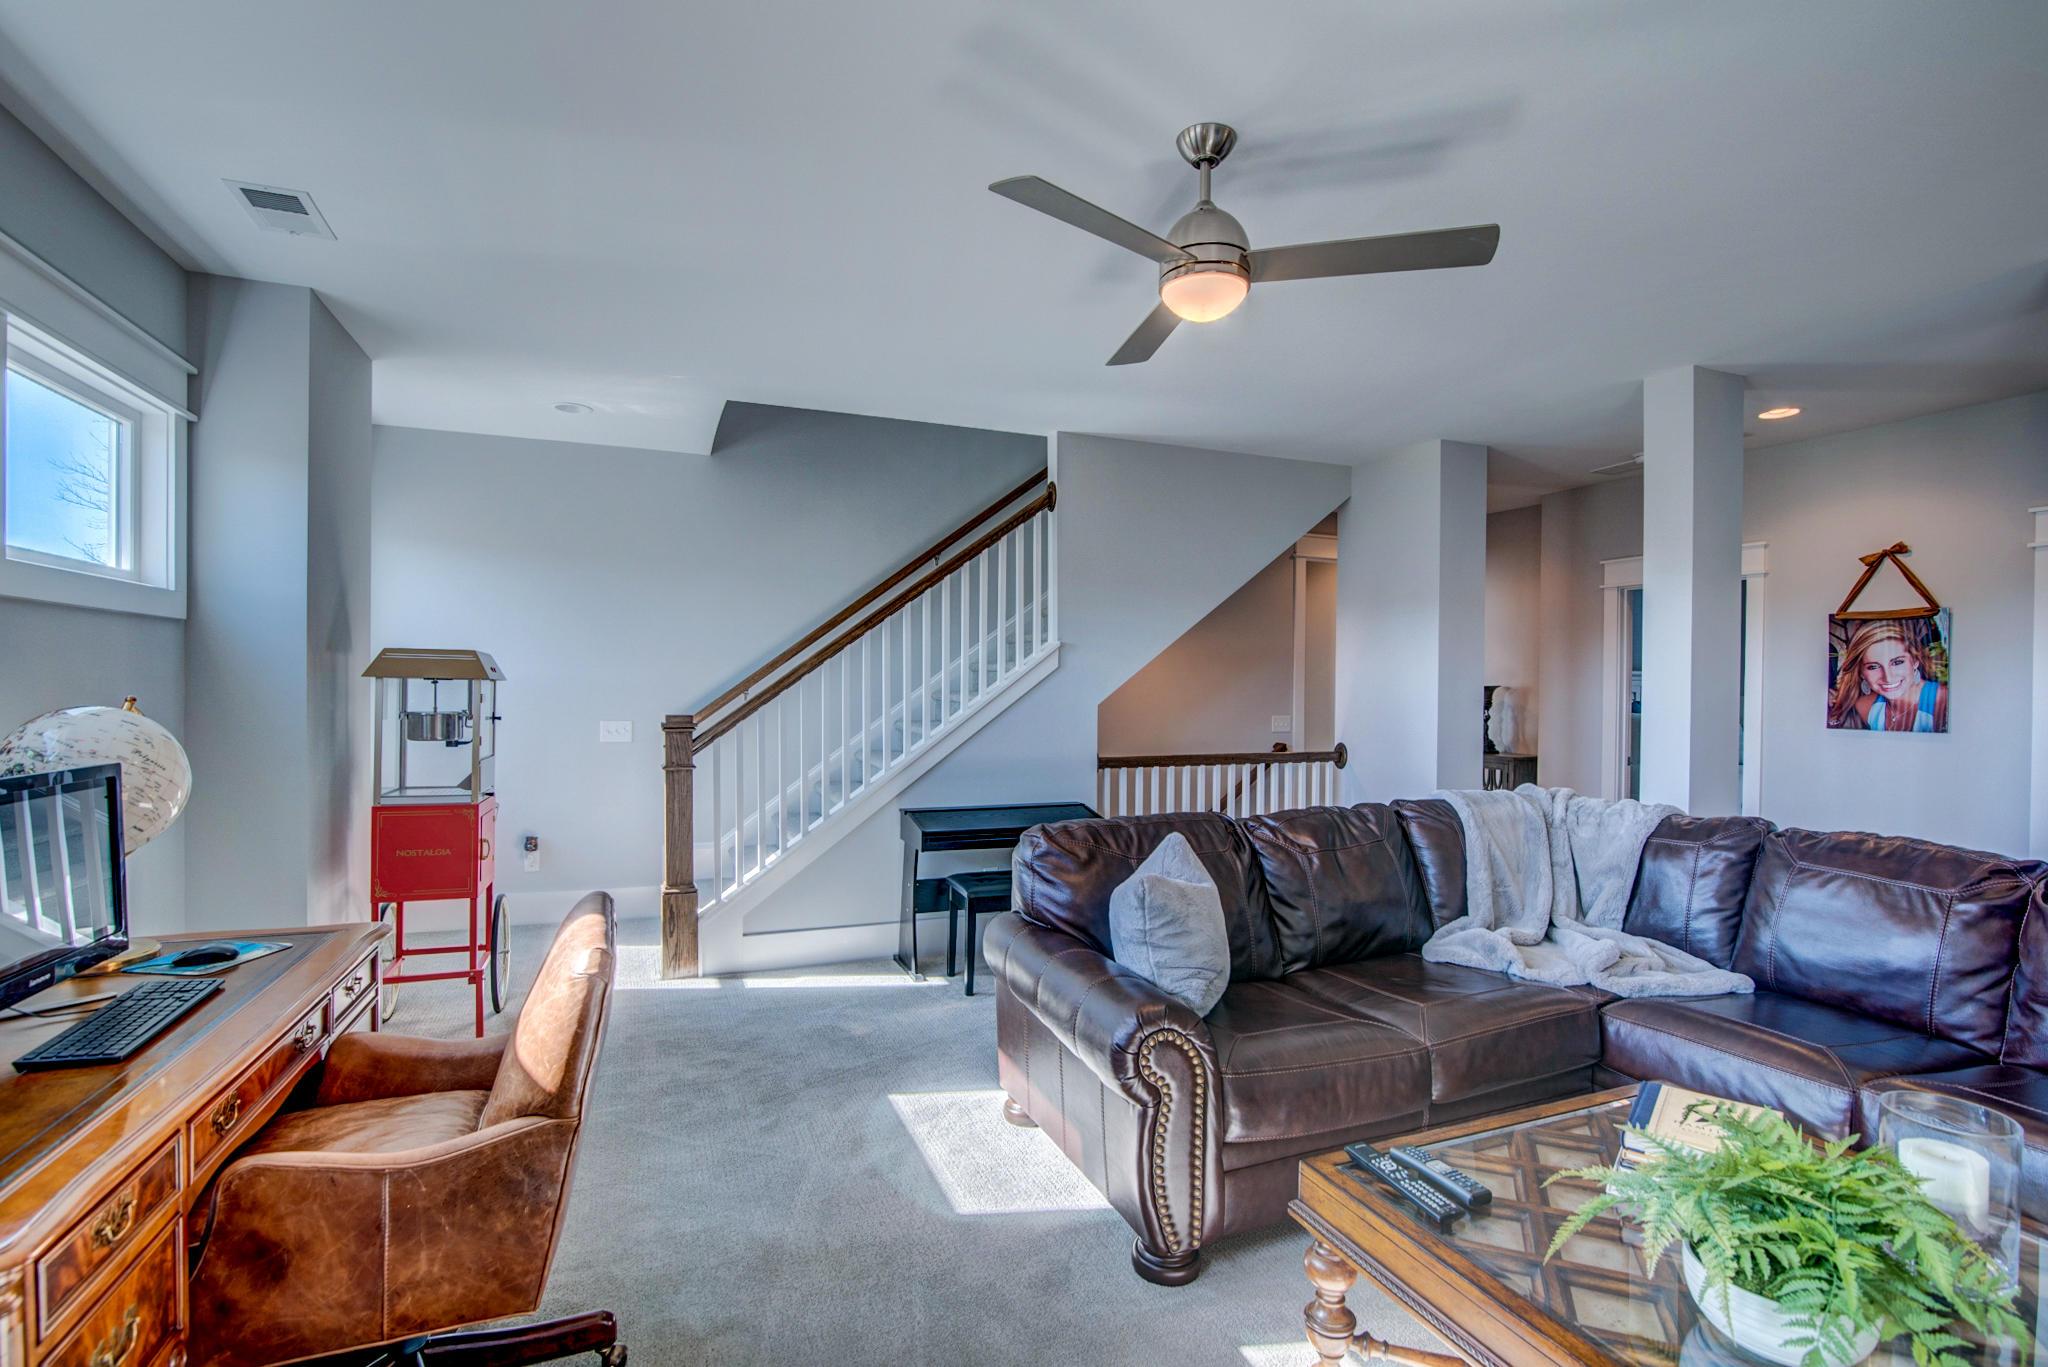 Dunes West Homes For Sale - 2883 River Vista, Mount Pleasant, SC - 7